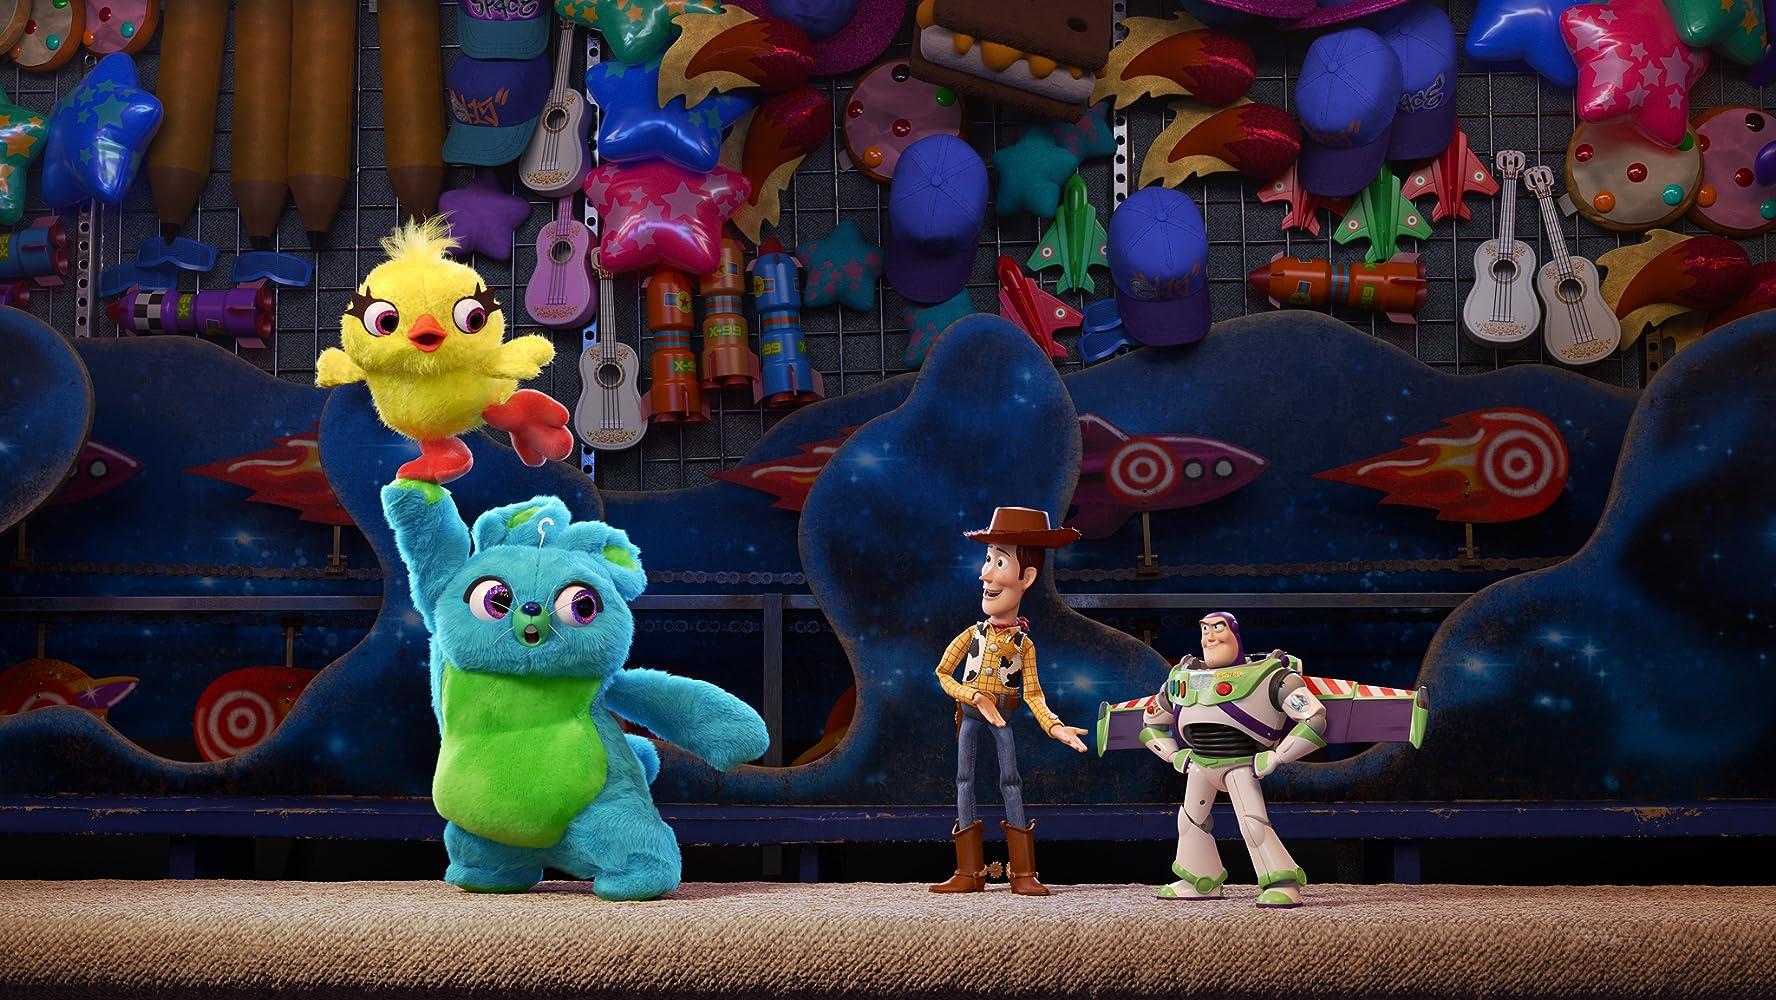 Tom Hanks, Tim Allen, Keegan-Michael Key, and Jordan Peele in Toy Story 4 (2019)